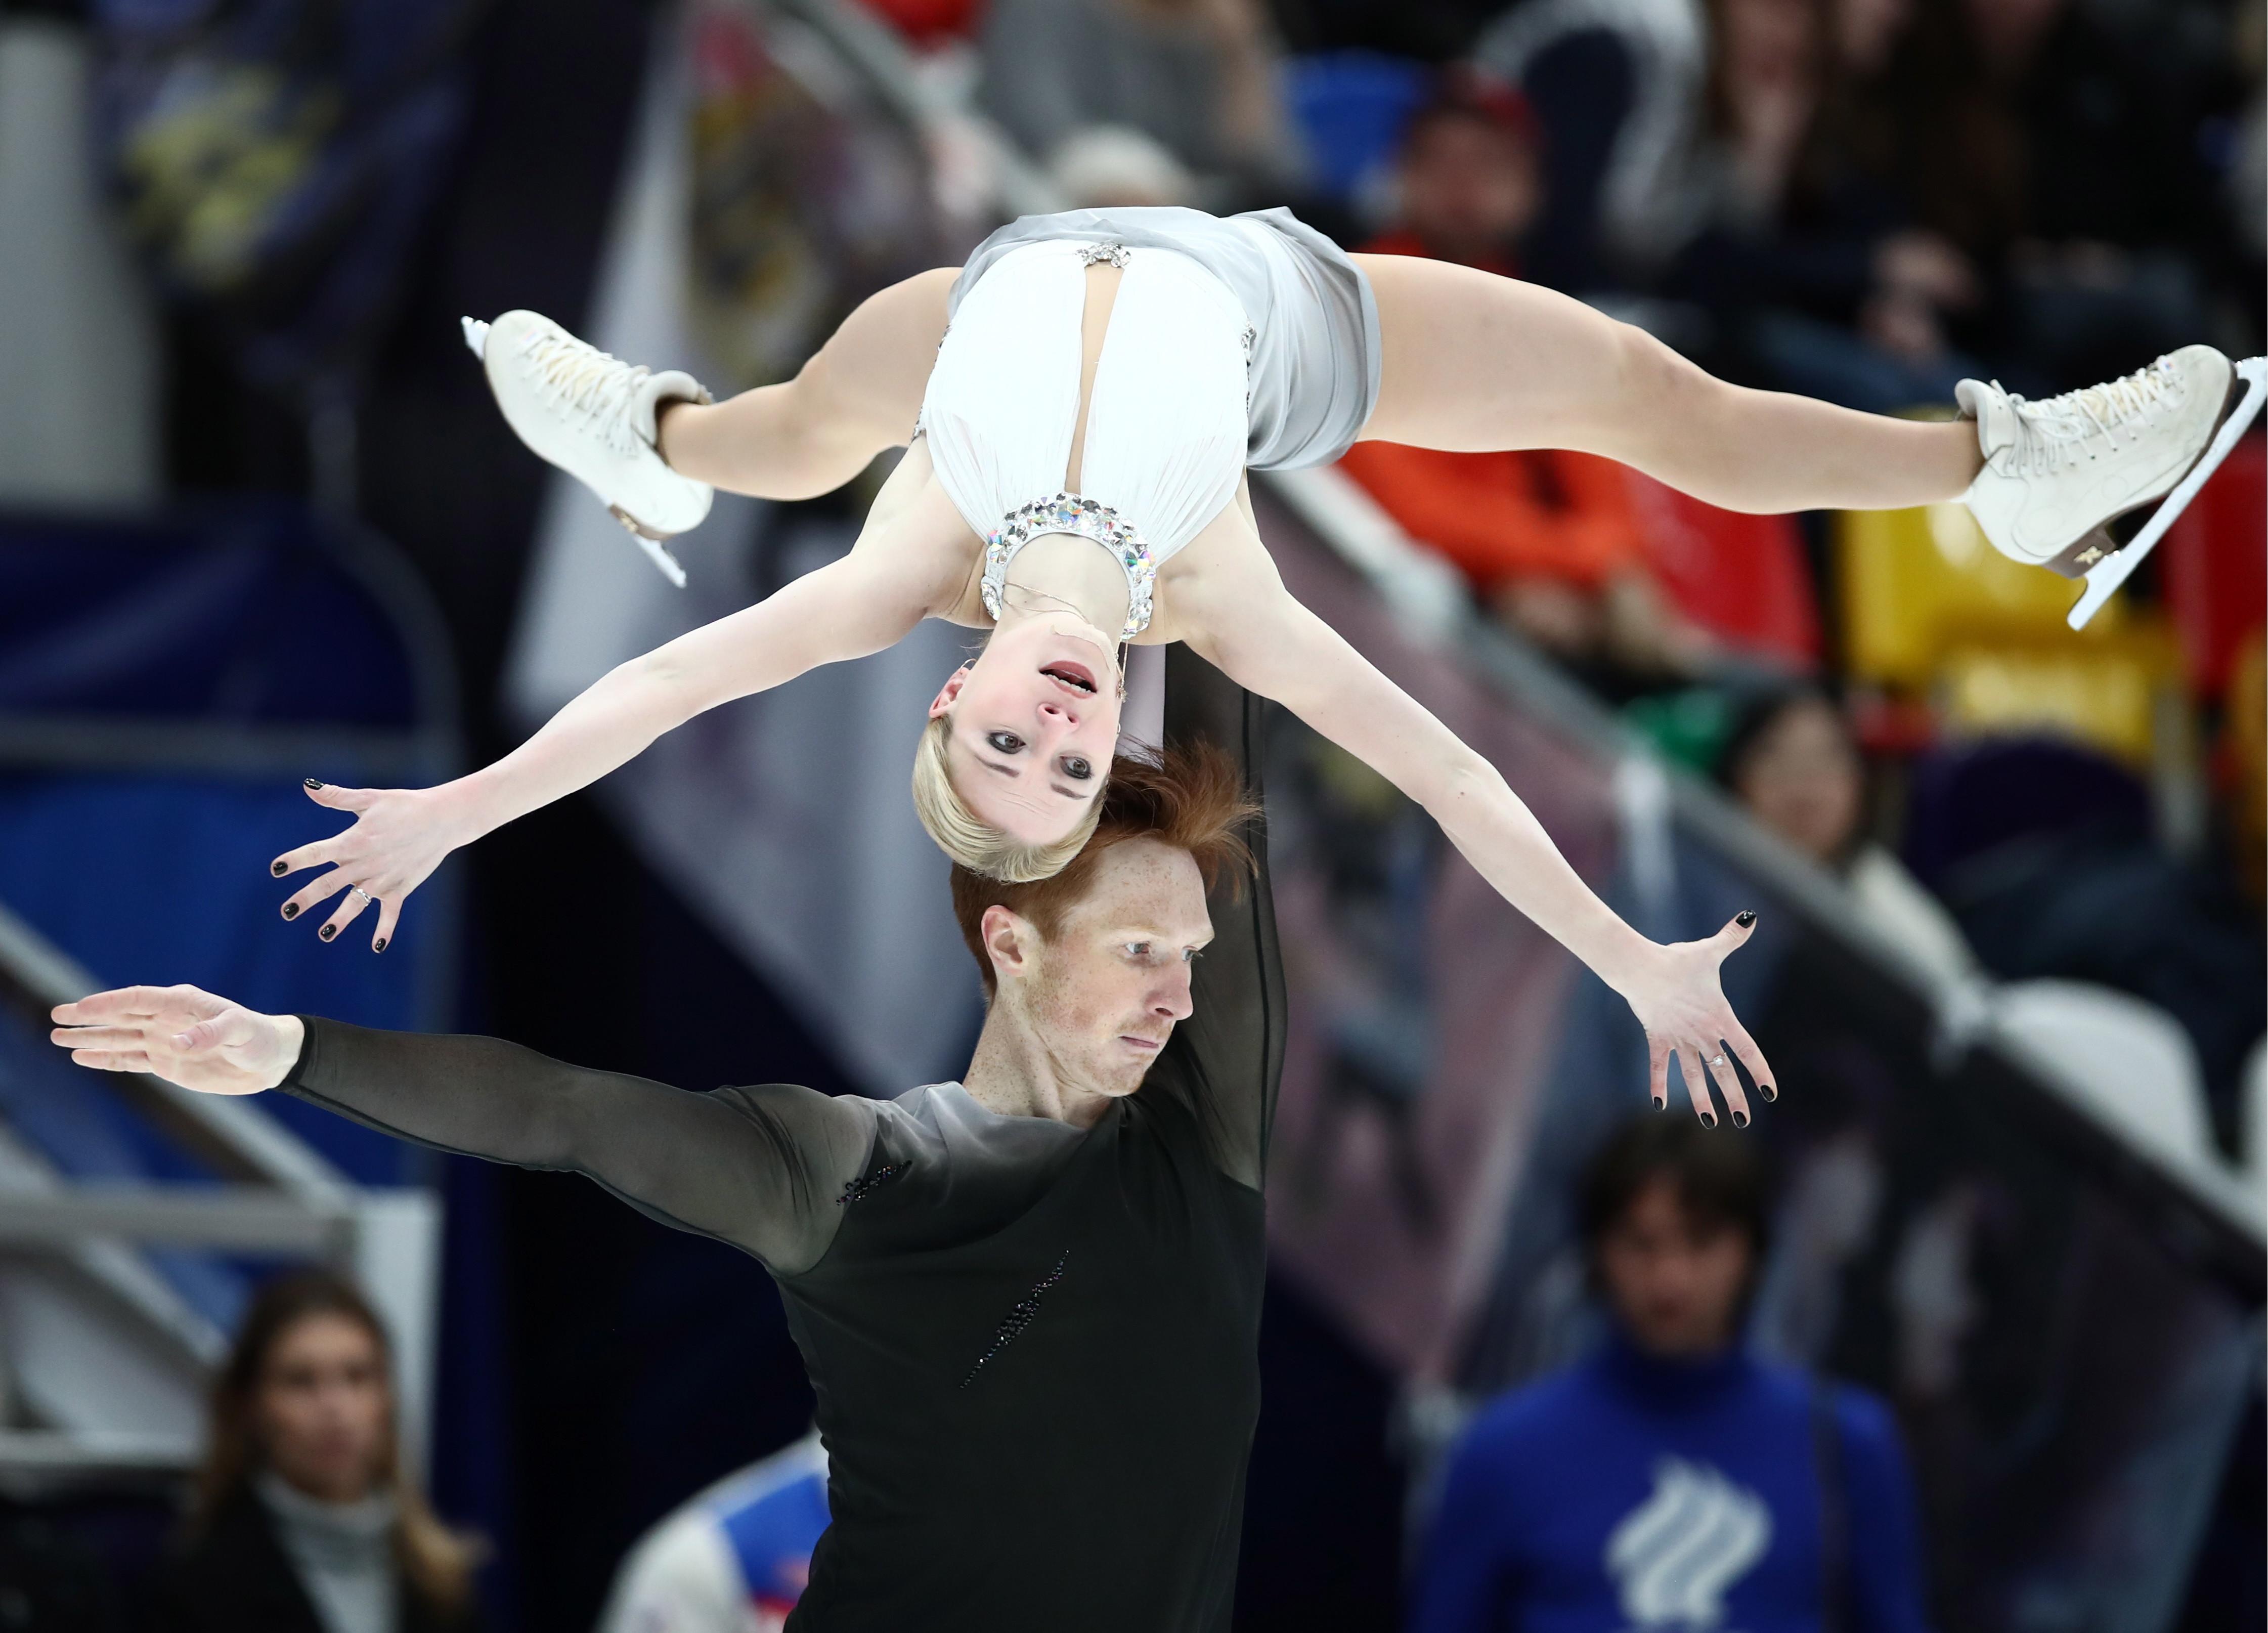 Российские фигуристы Тарасова и Морозов вышли в финал серии Гран-при